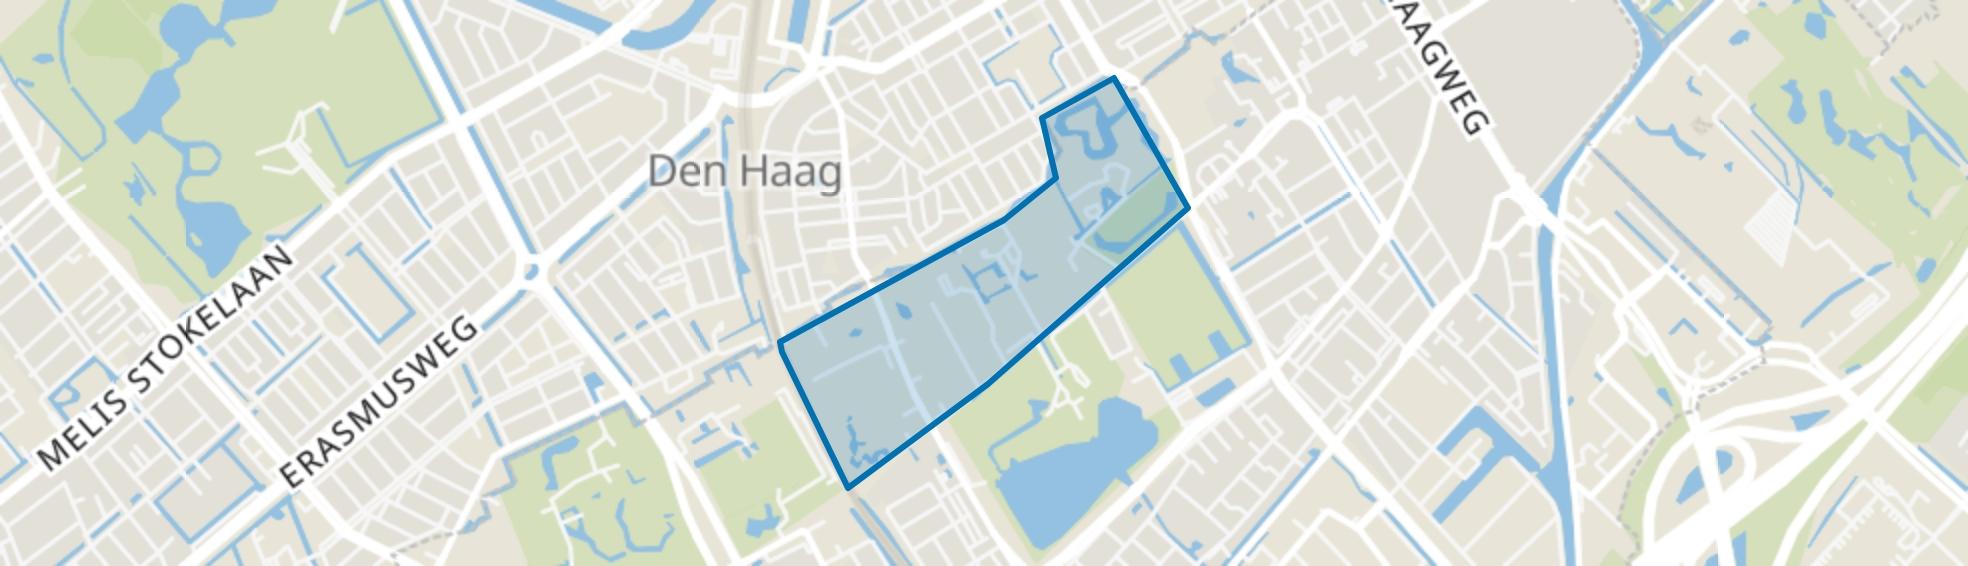 Julianapark, Rijswijk (ZH) map